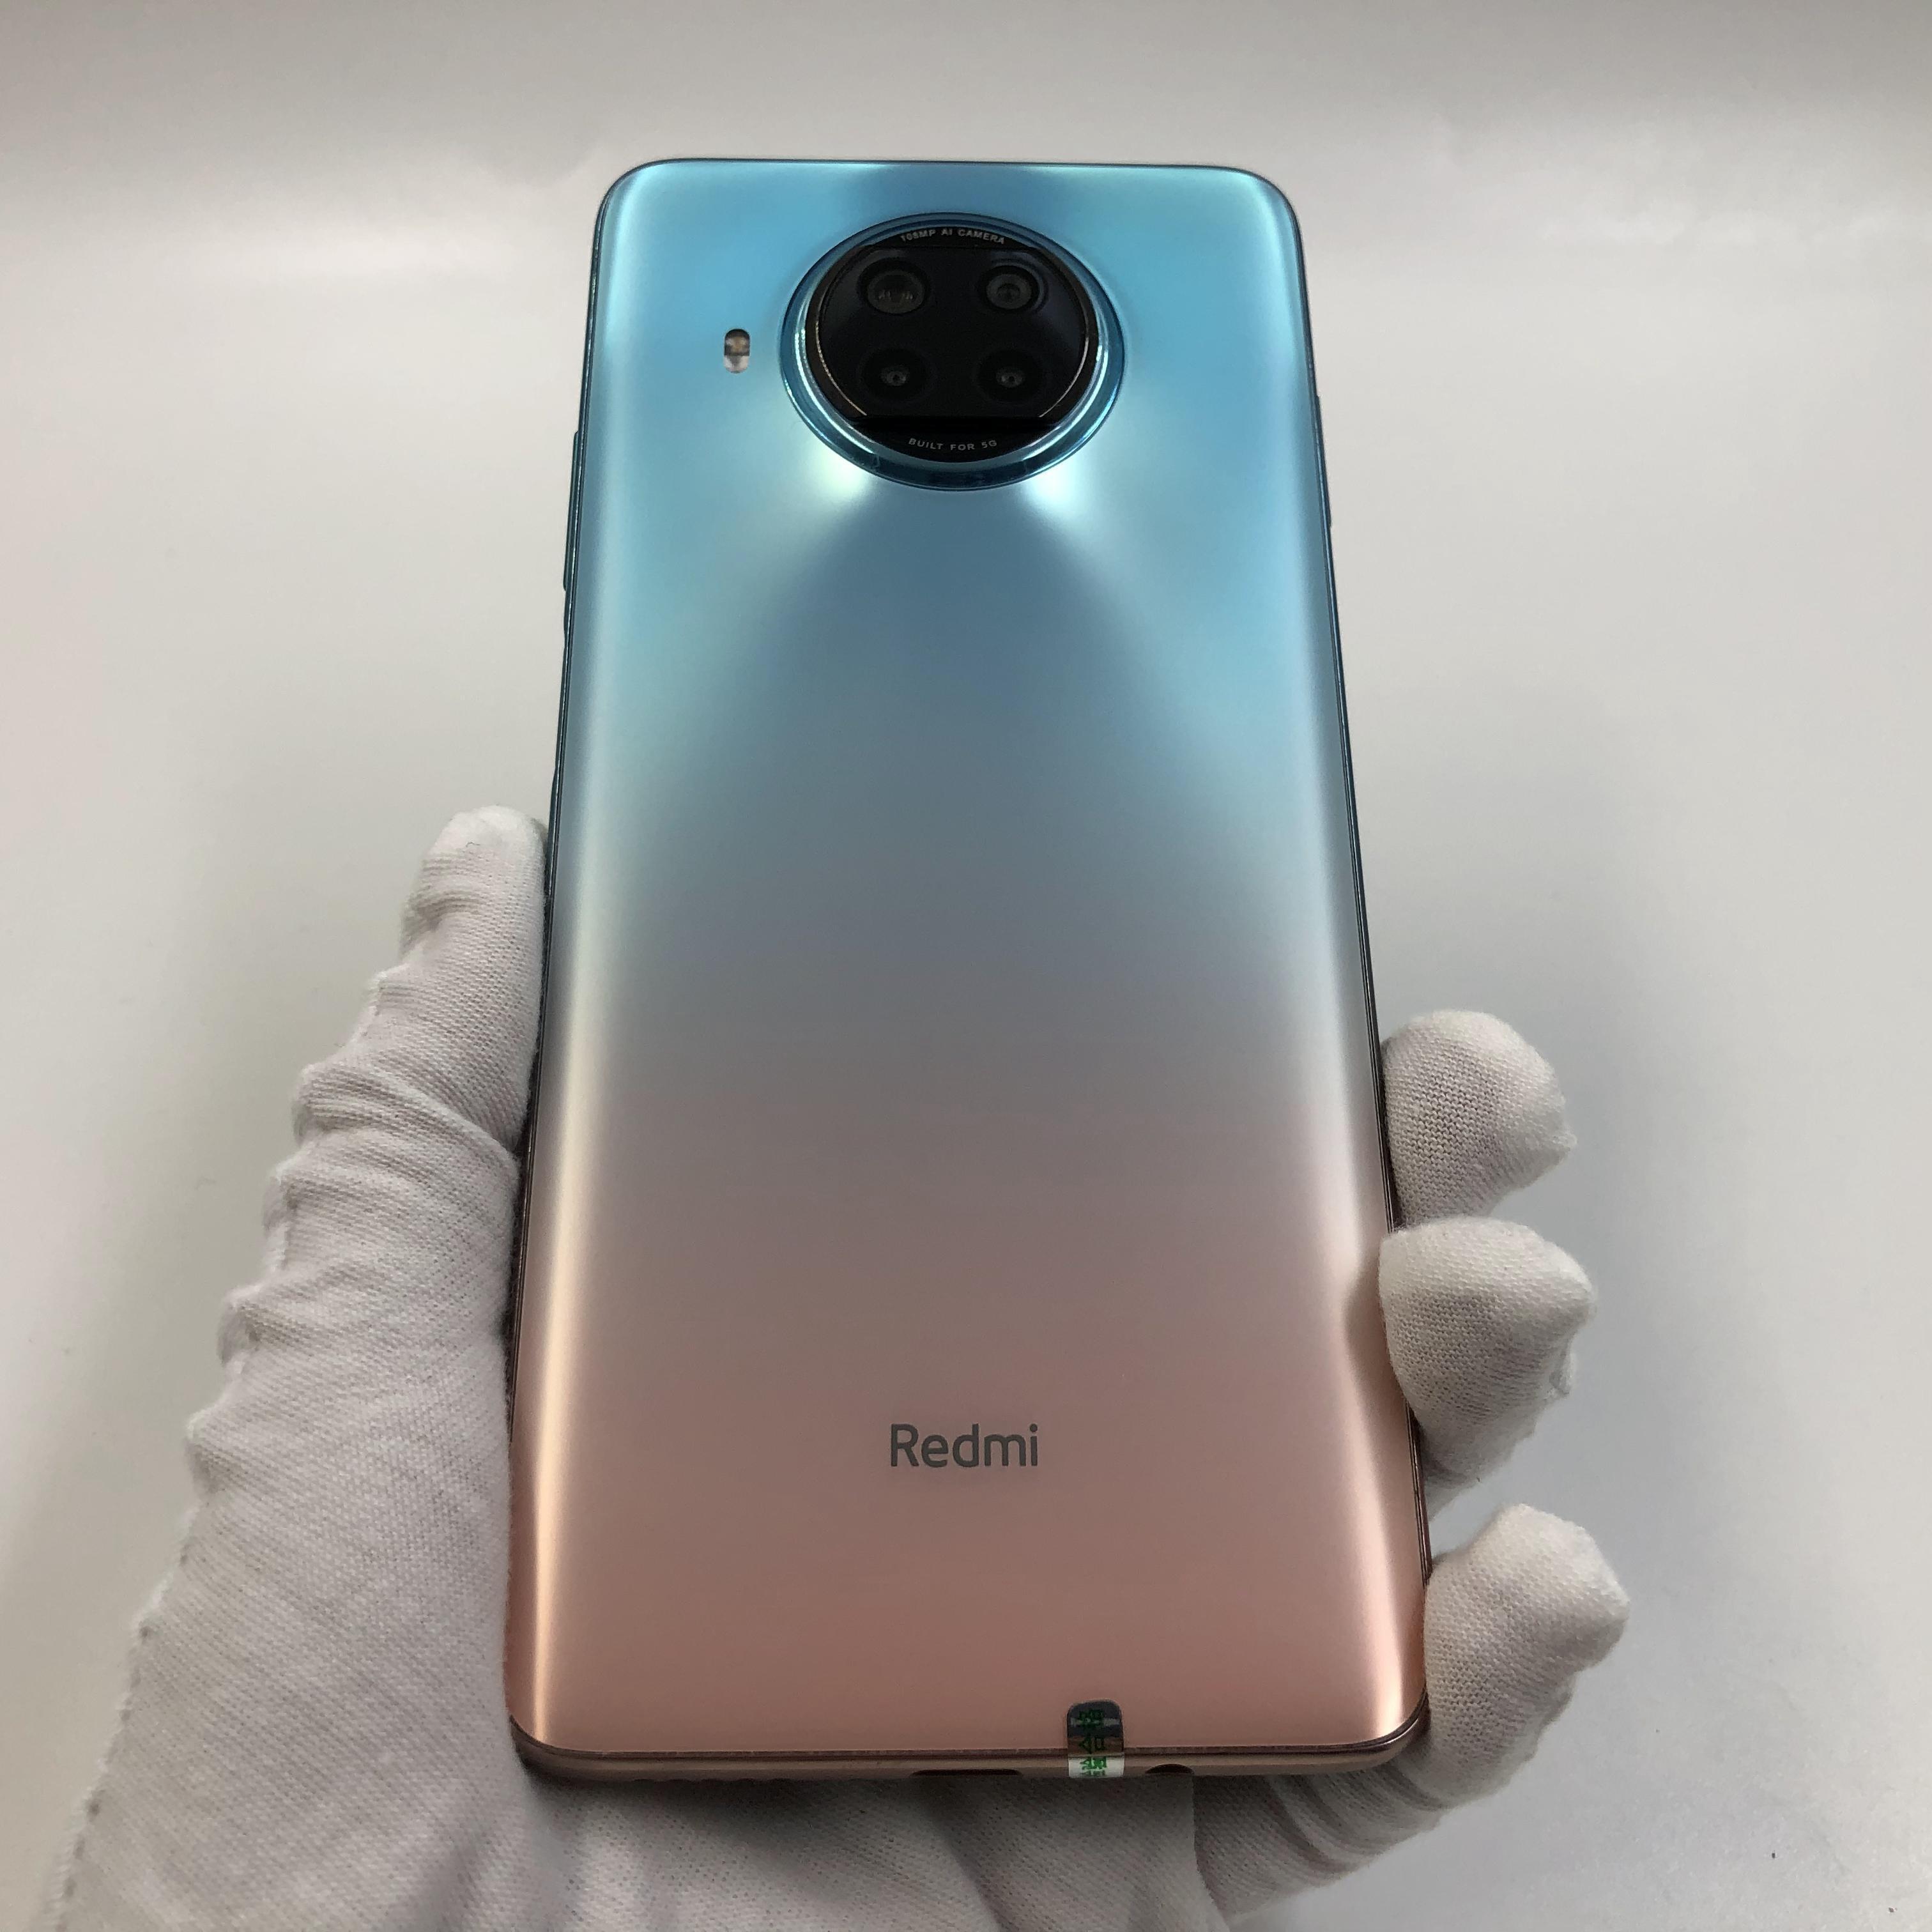 小米【Redmi Note 9 Pro 5G】5G全网通 湖光秋色 6G/128G 国行 99新 真机实拍